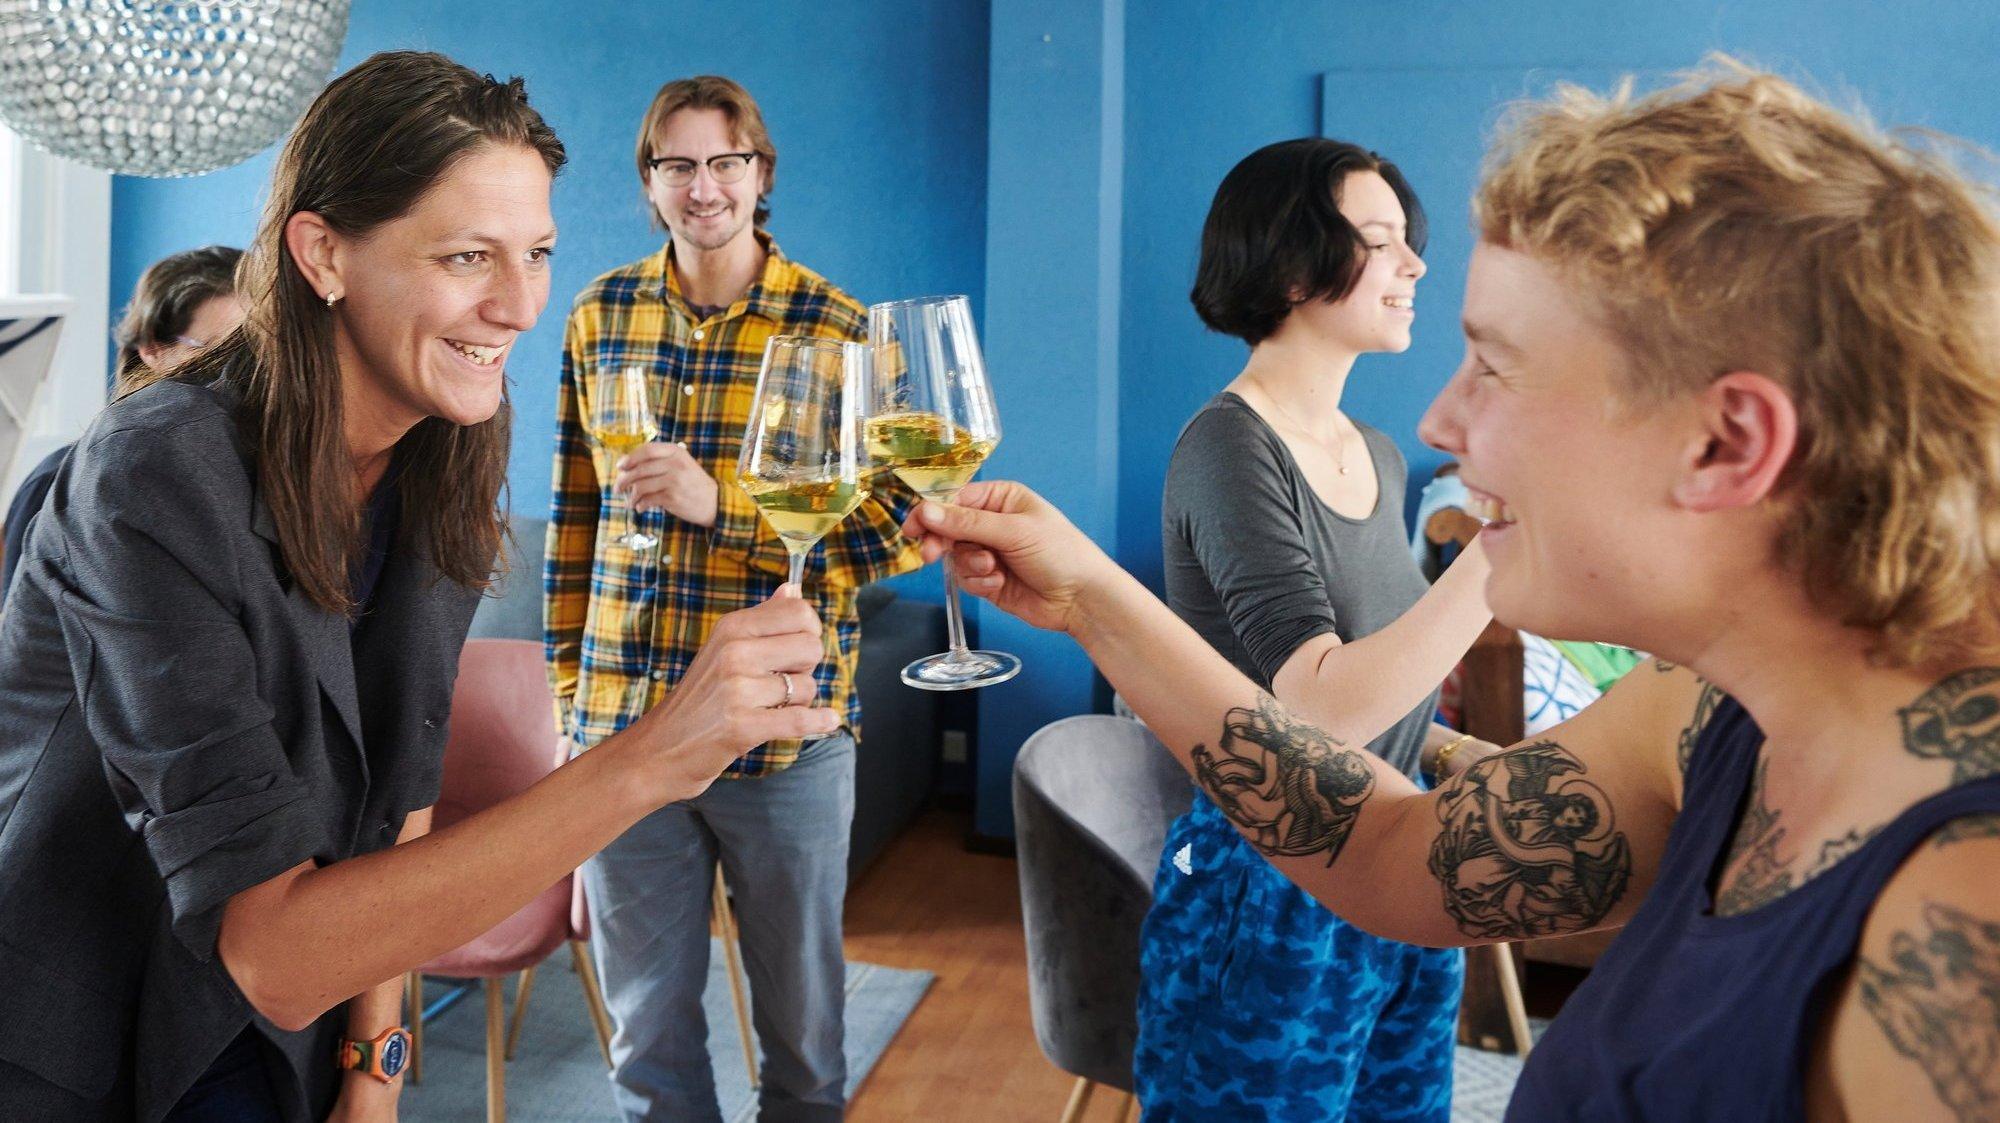 C'est oui au mariage pour tous: au local de Togayther, l'association LGBT du canton de Neuchâtel, on trinque à la victoire.